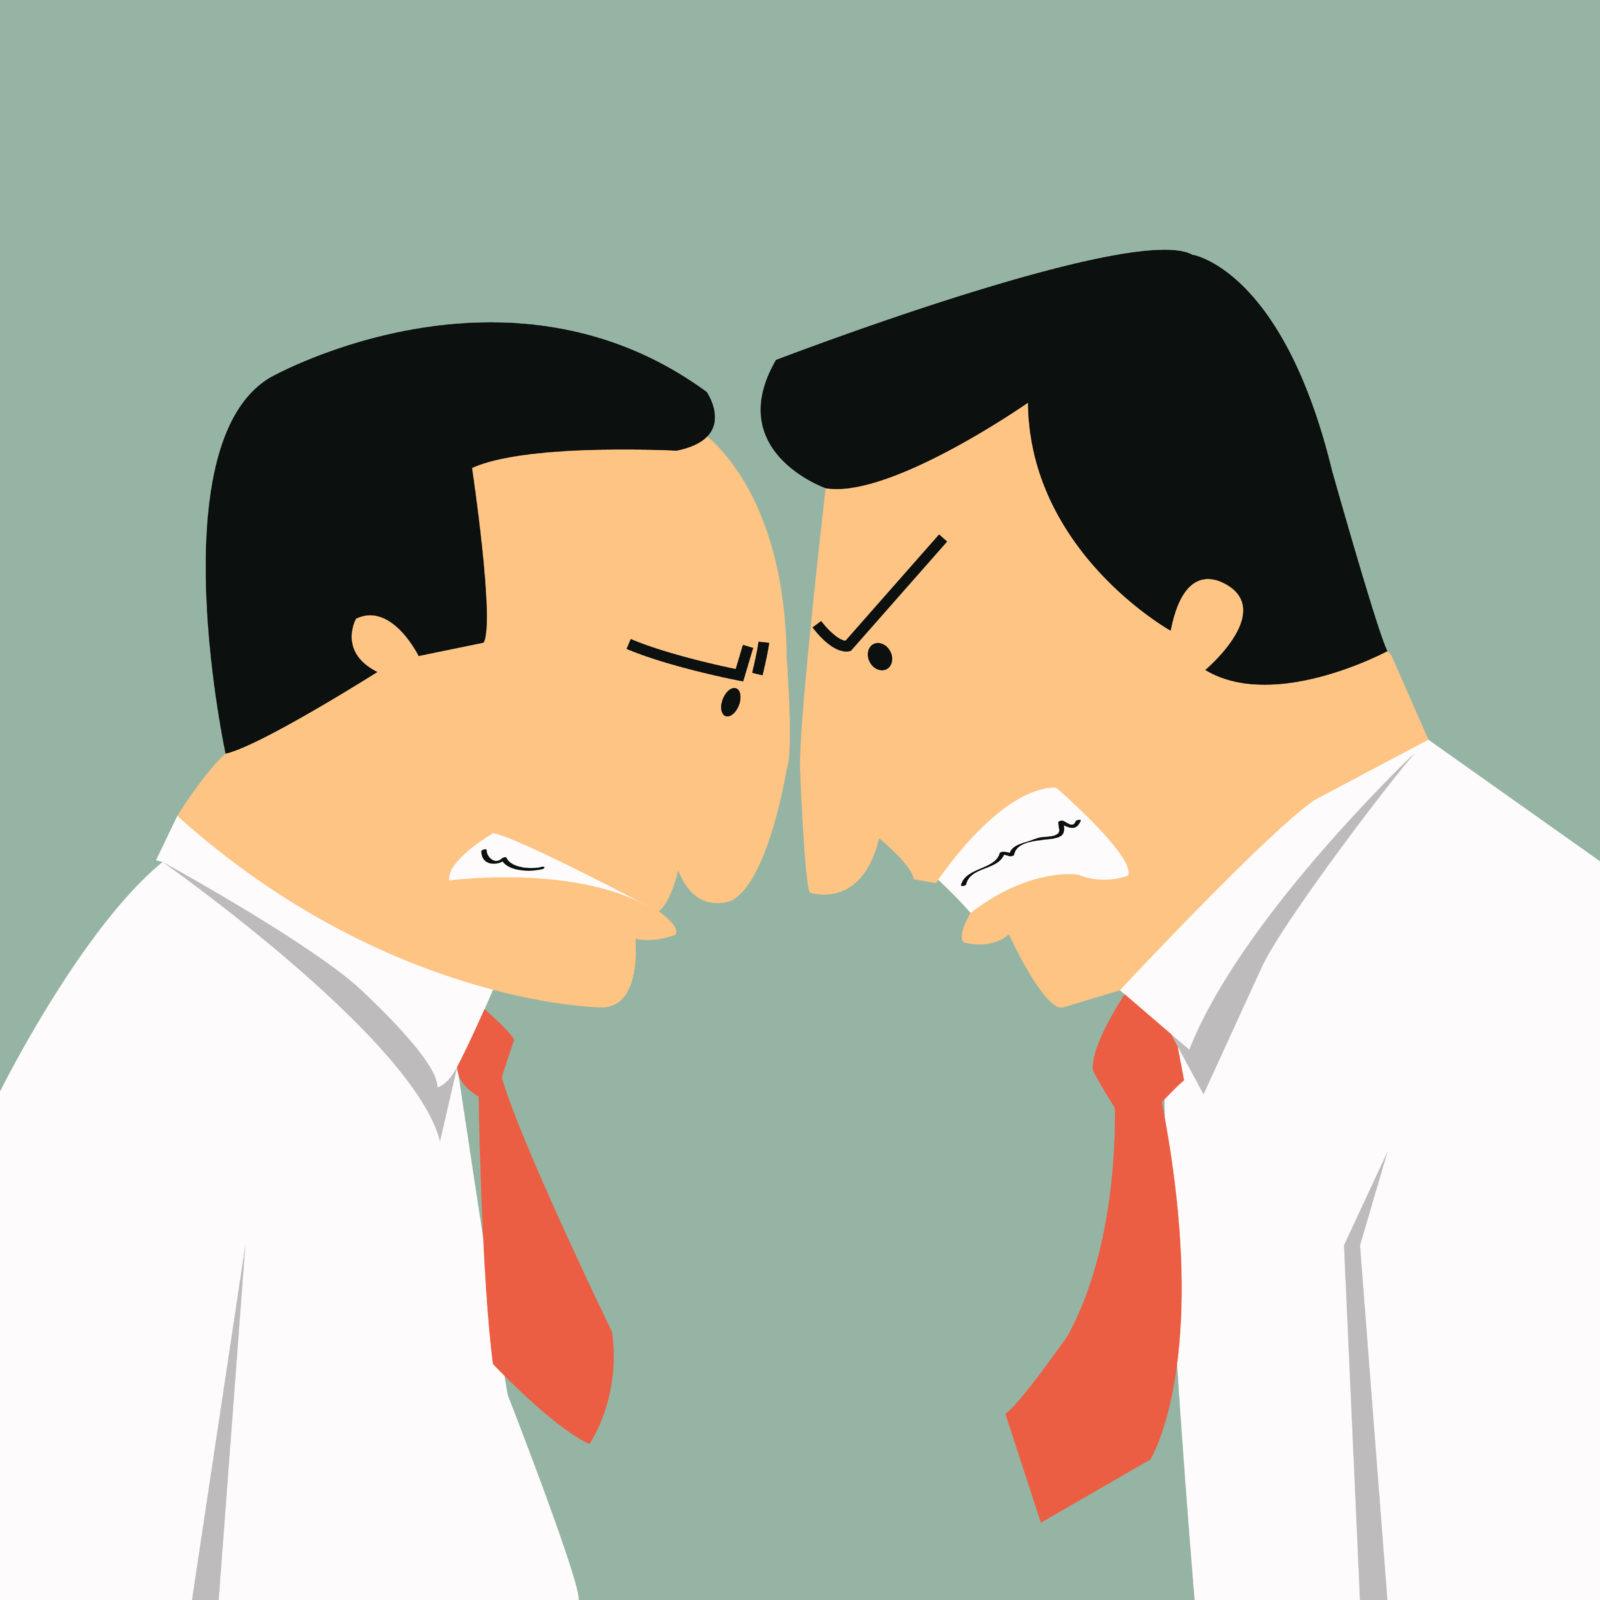 Client Negotation